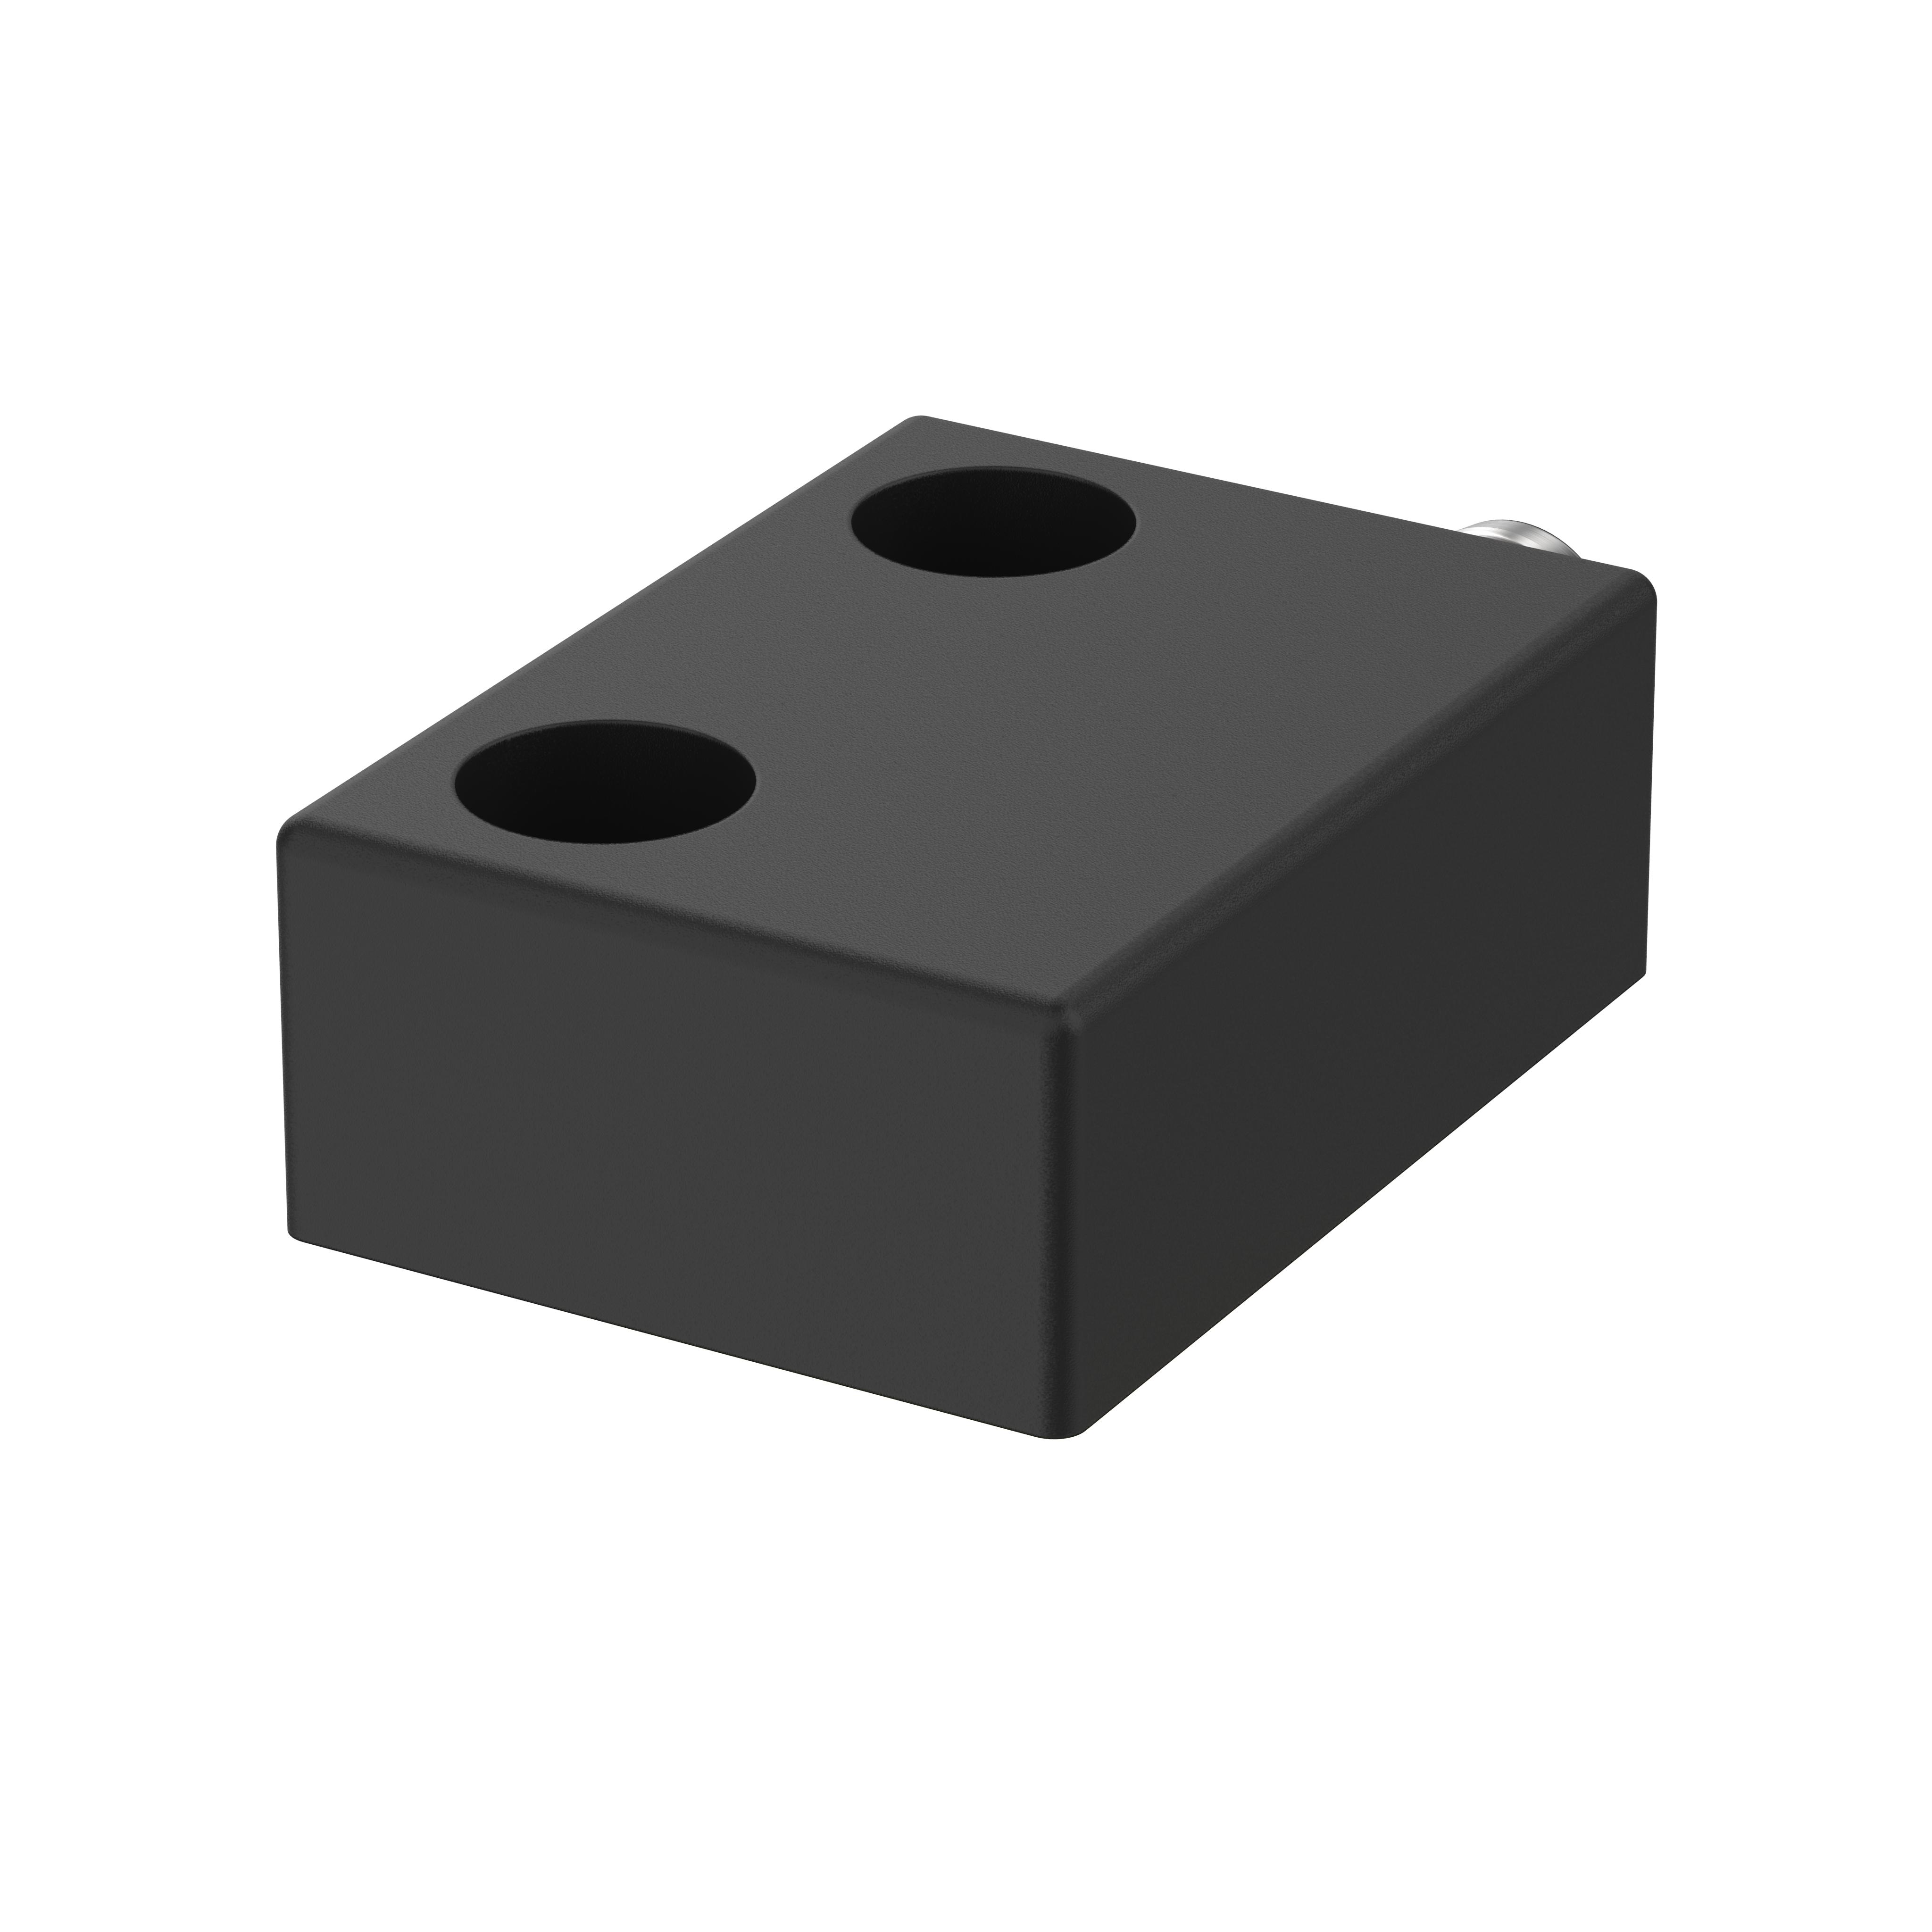 Sicherheitssensor - 153V62A0D - magnetisch betätigt - Schließer/Schließer, Einbaustecker M8